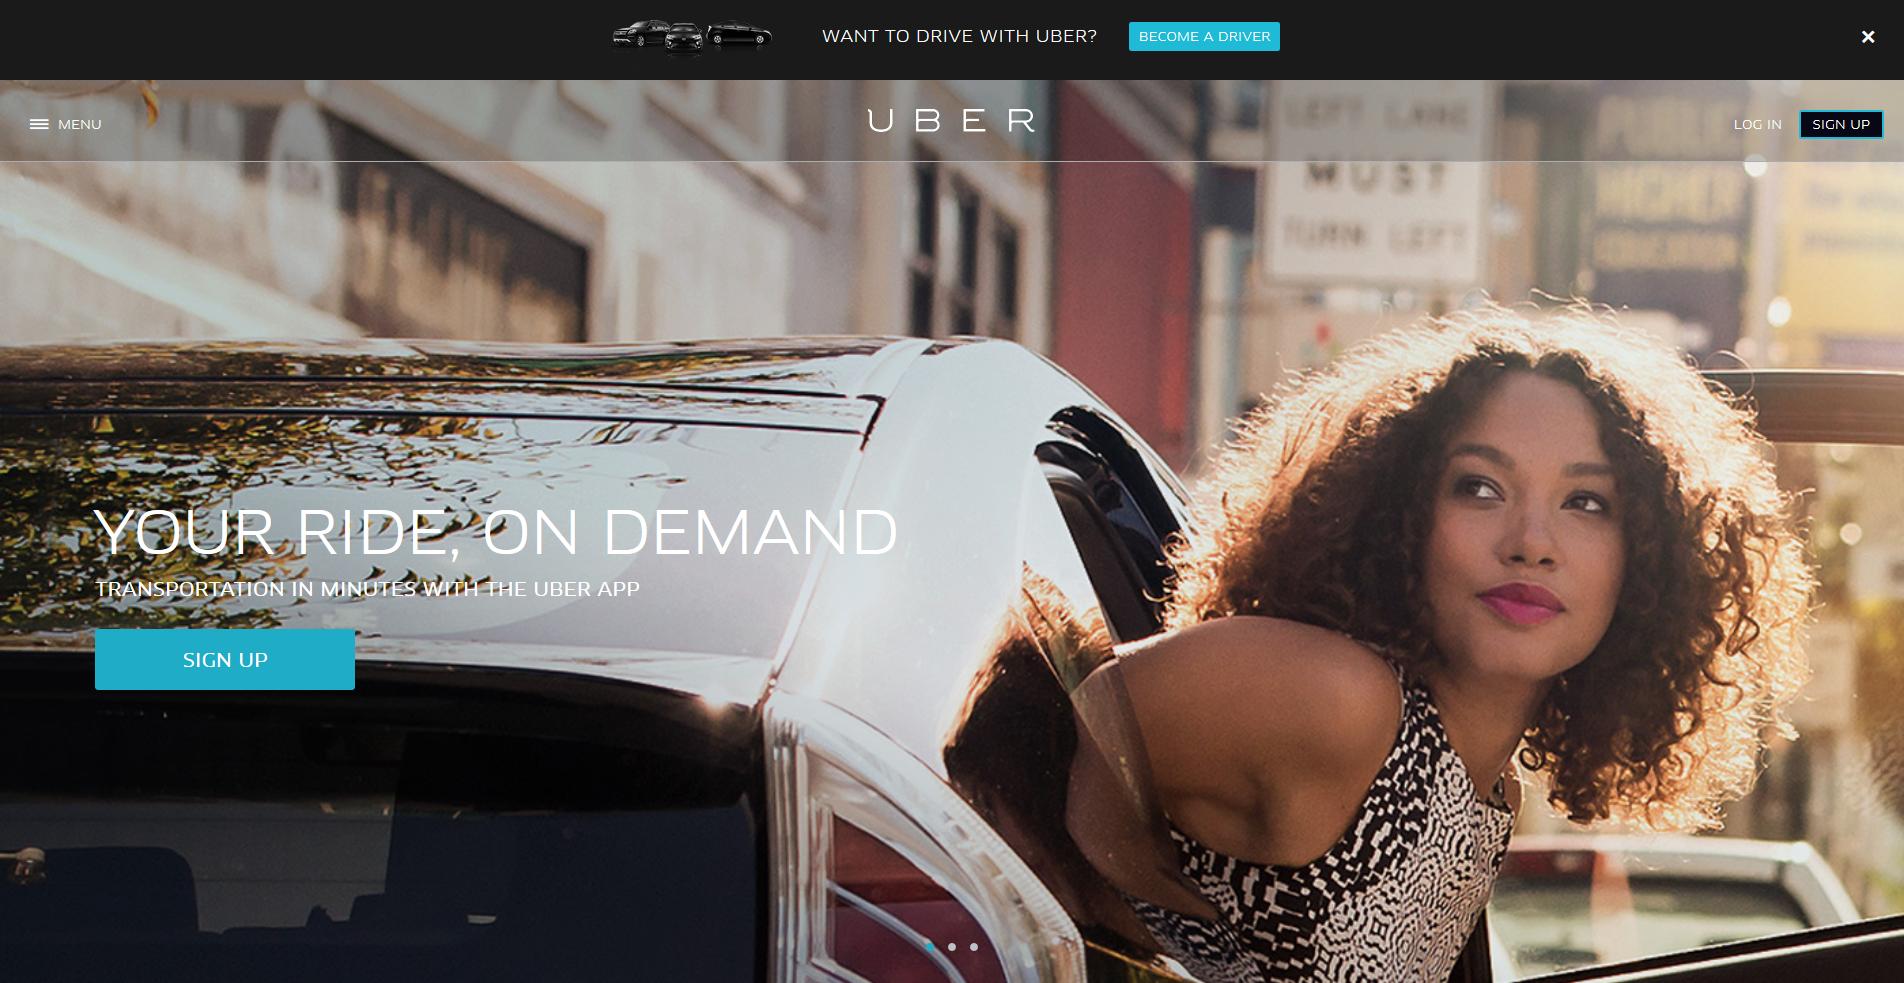 Uber_2015-10-28_15-07-23